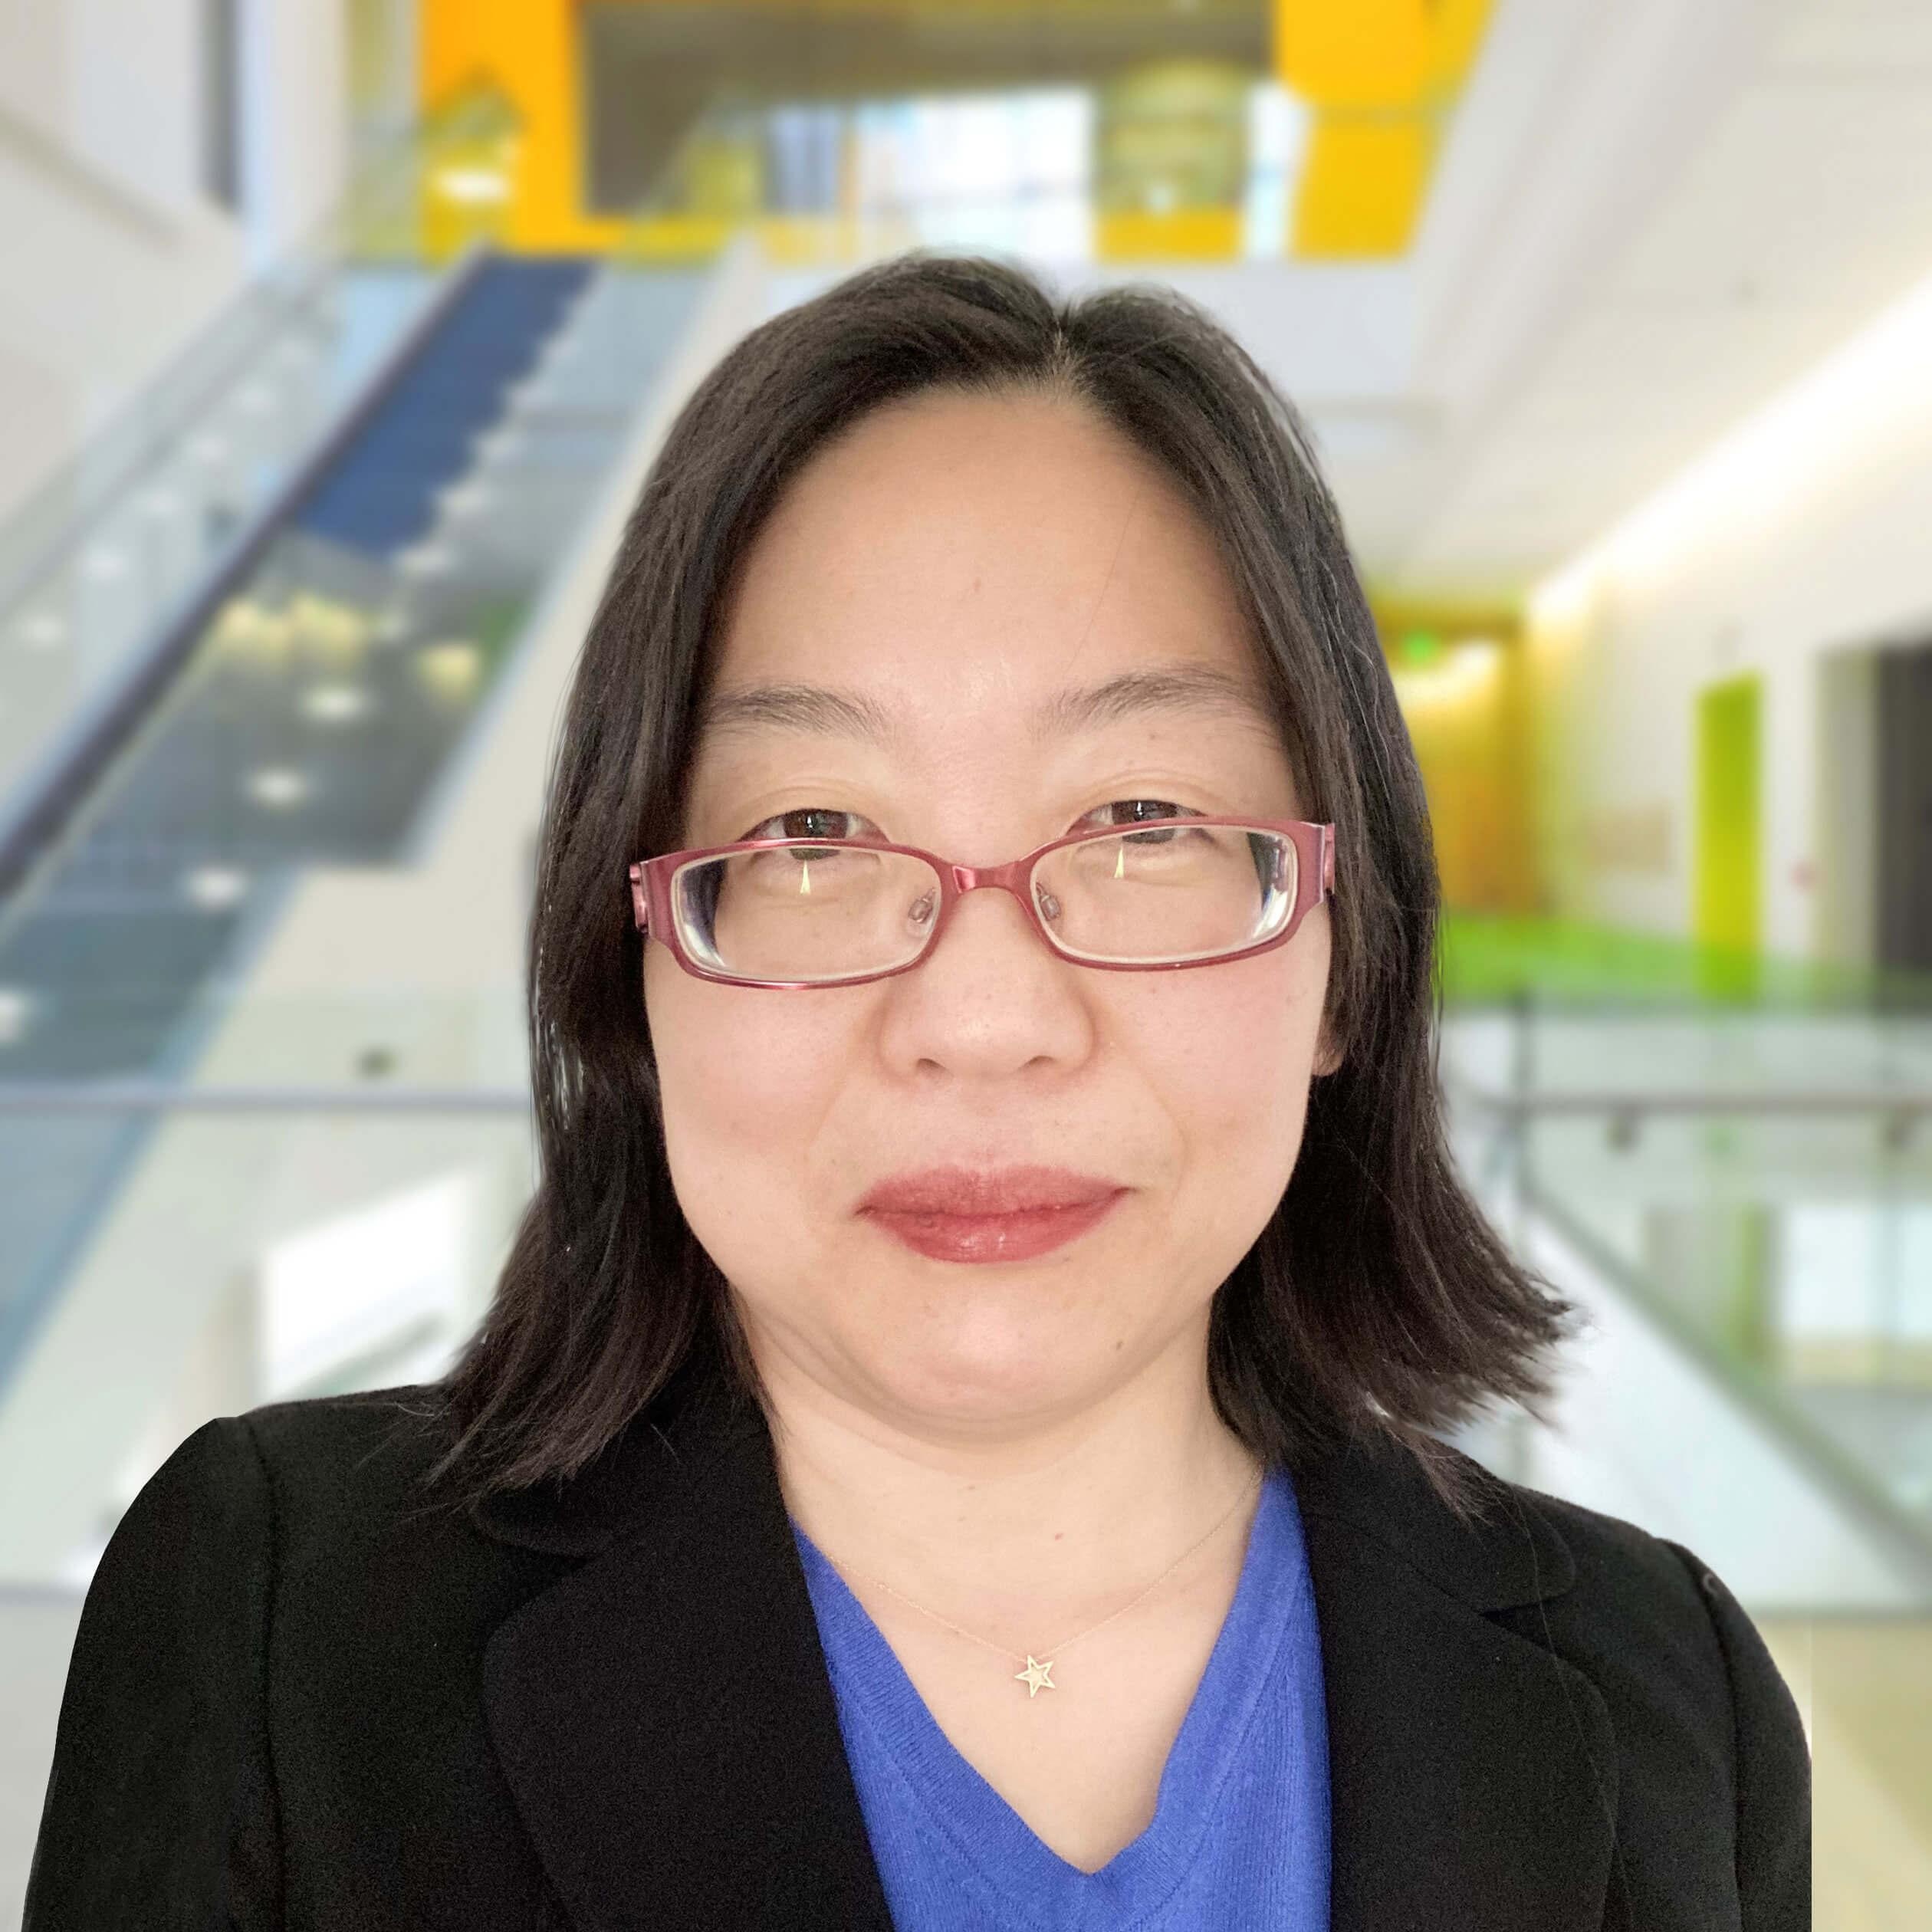 Sue S. Yom, M.D., Ph.D.